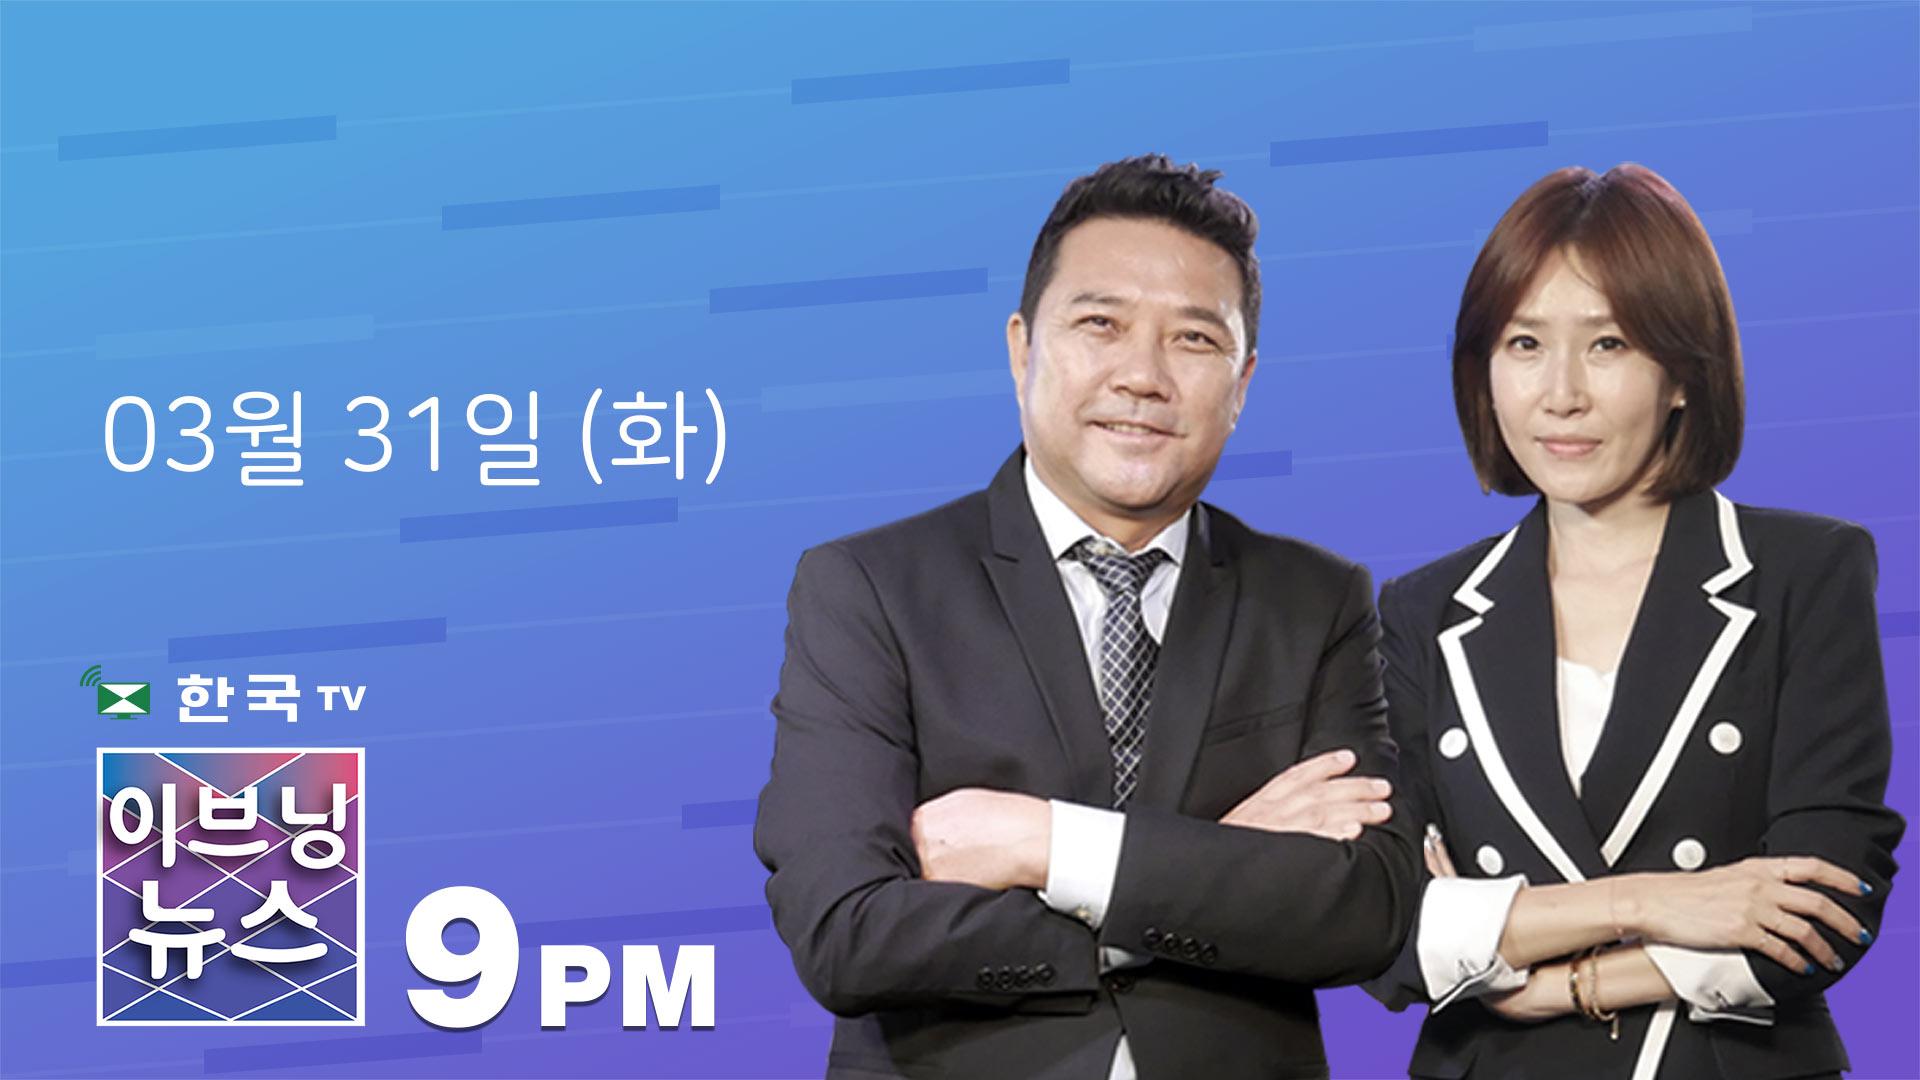 (03.31.2020) 한국TV 이브닝 뉴스